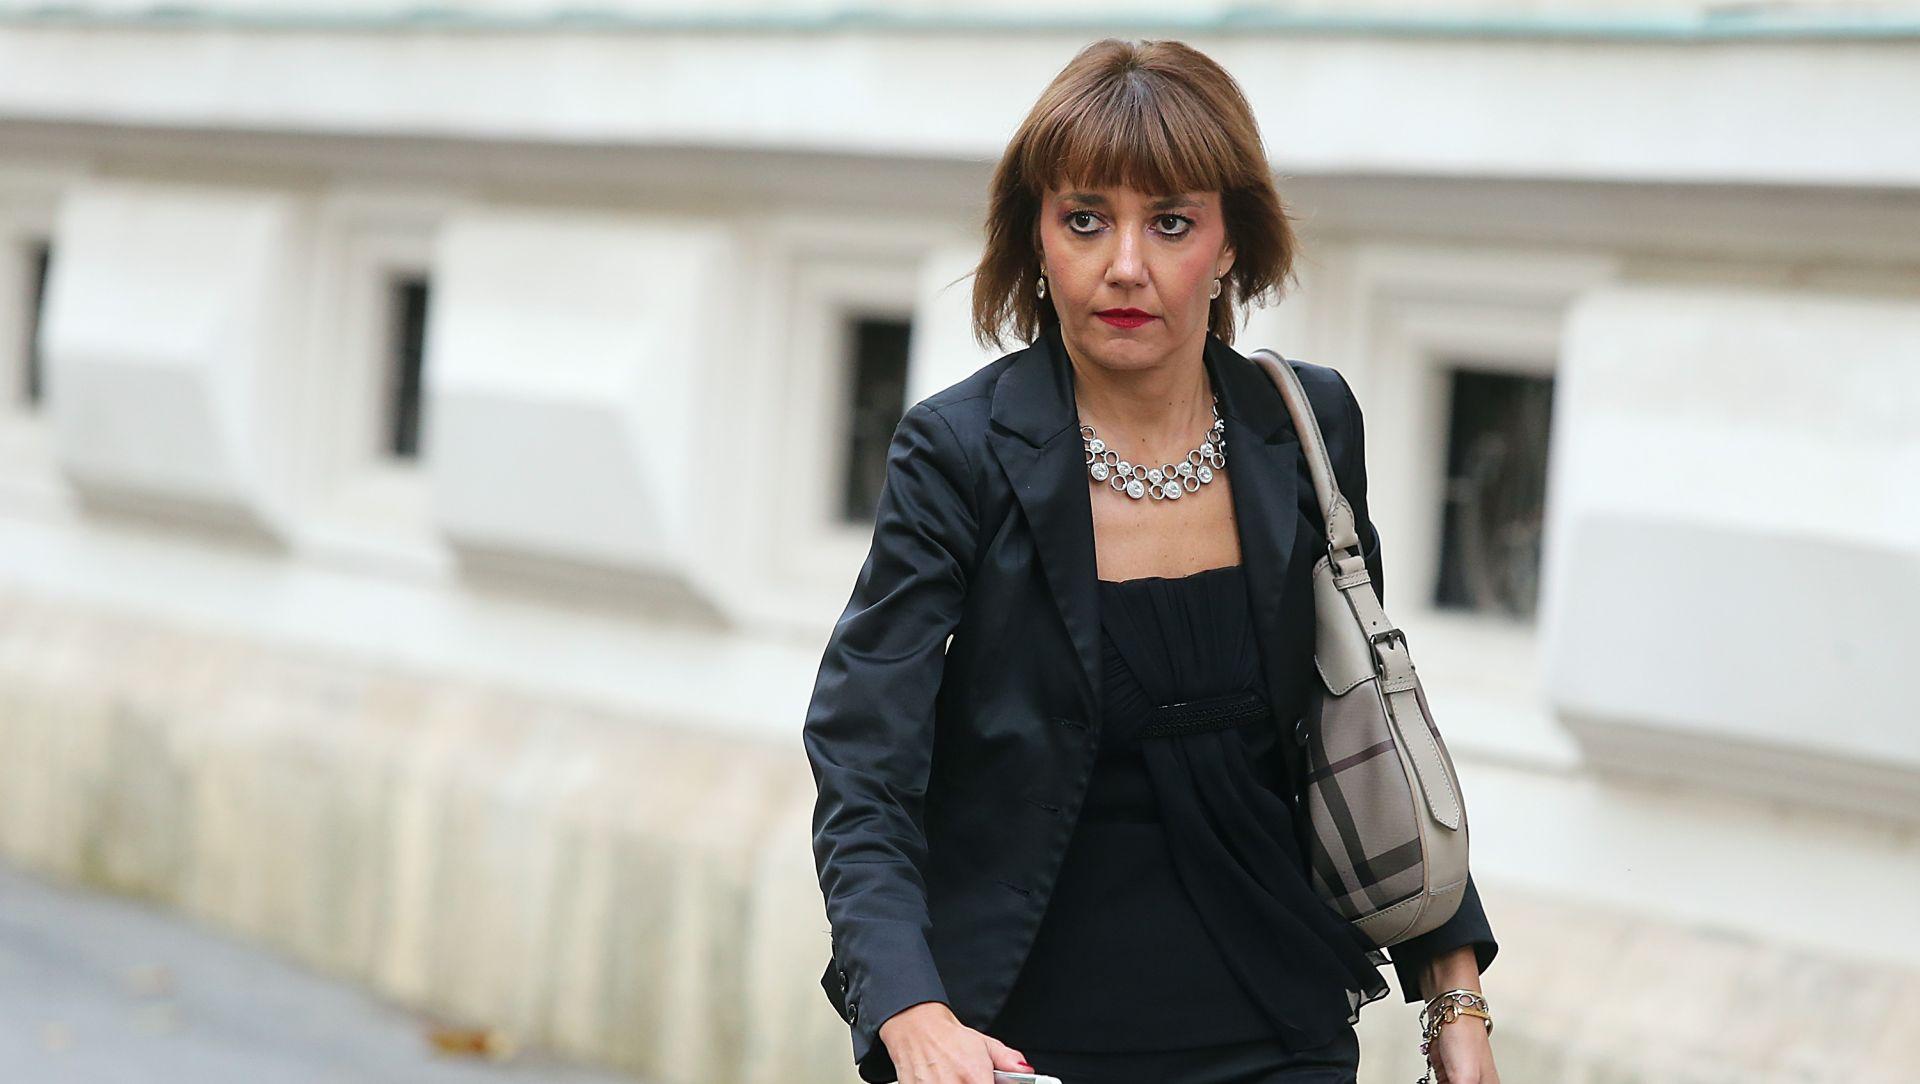 Državnoj odvjetnici Pokupec koja je imala Brkićev spis sudi se zbog pogodovanja